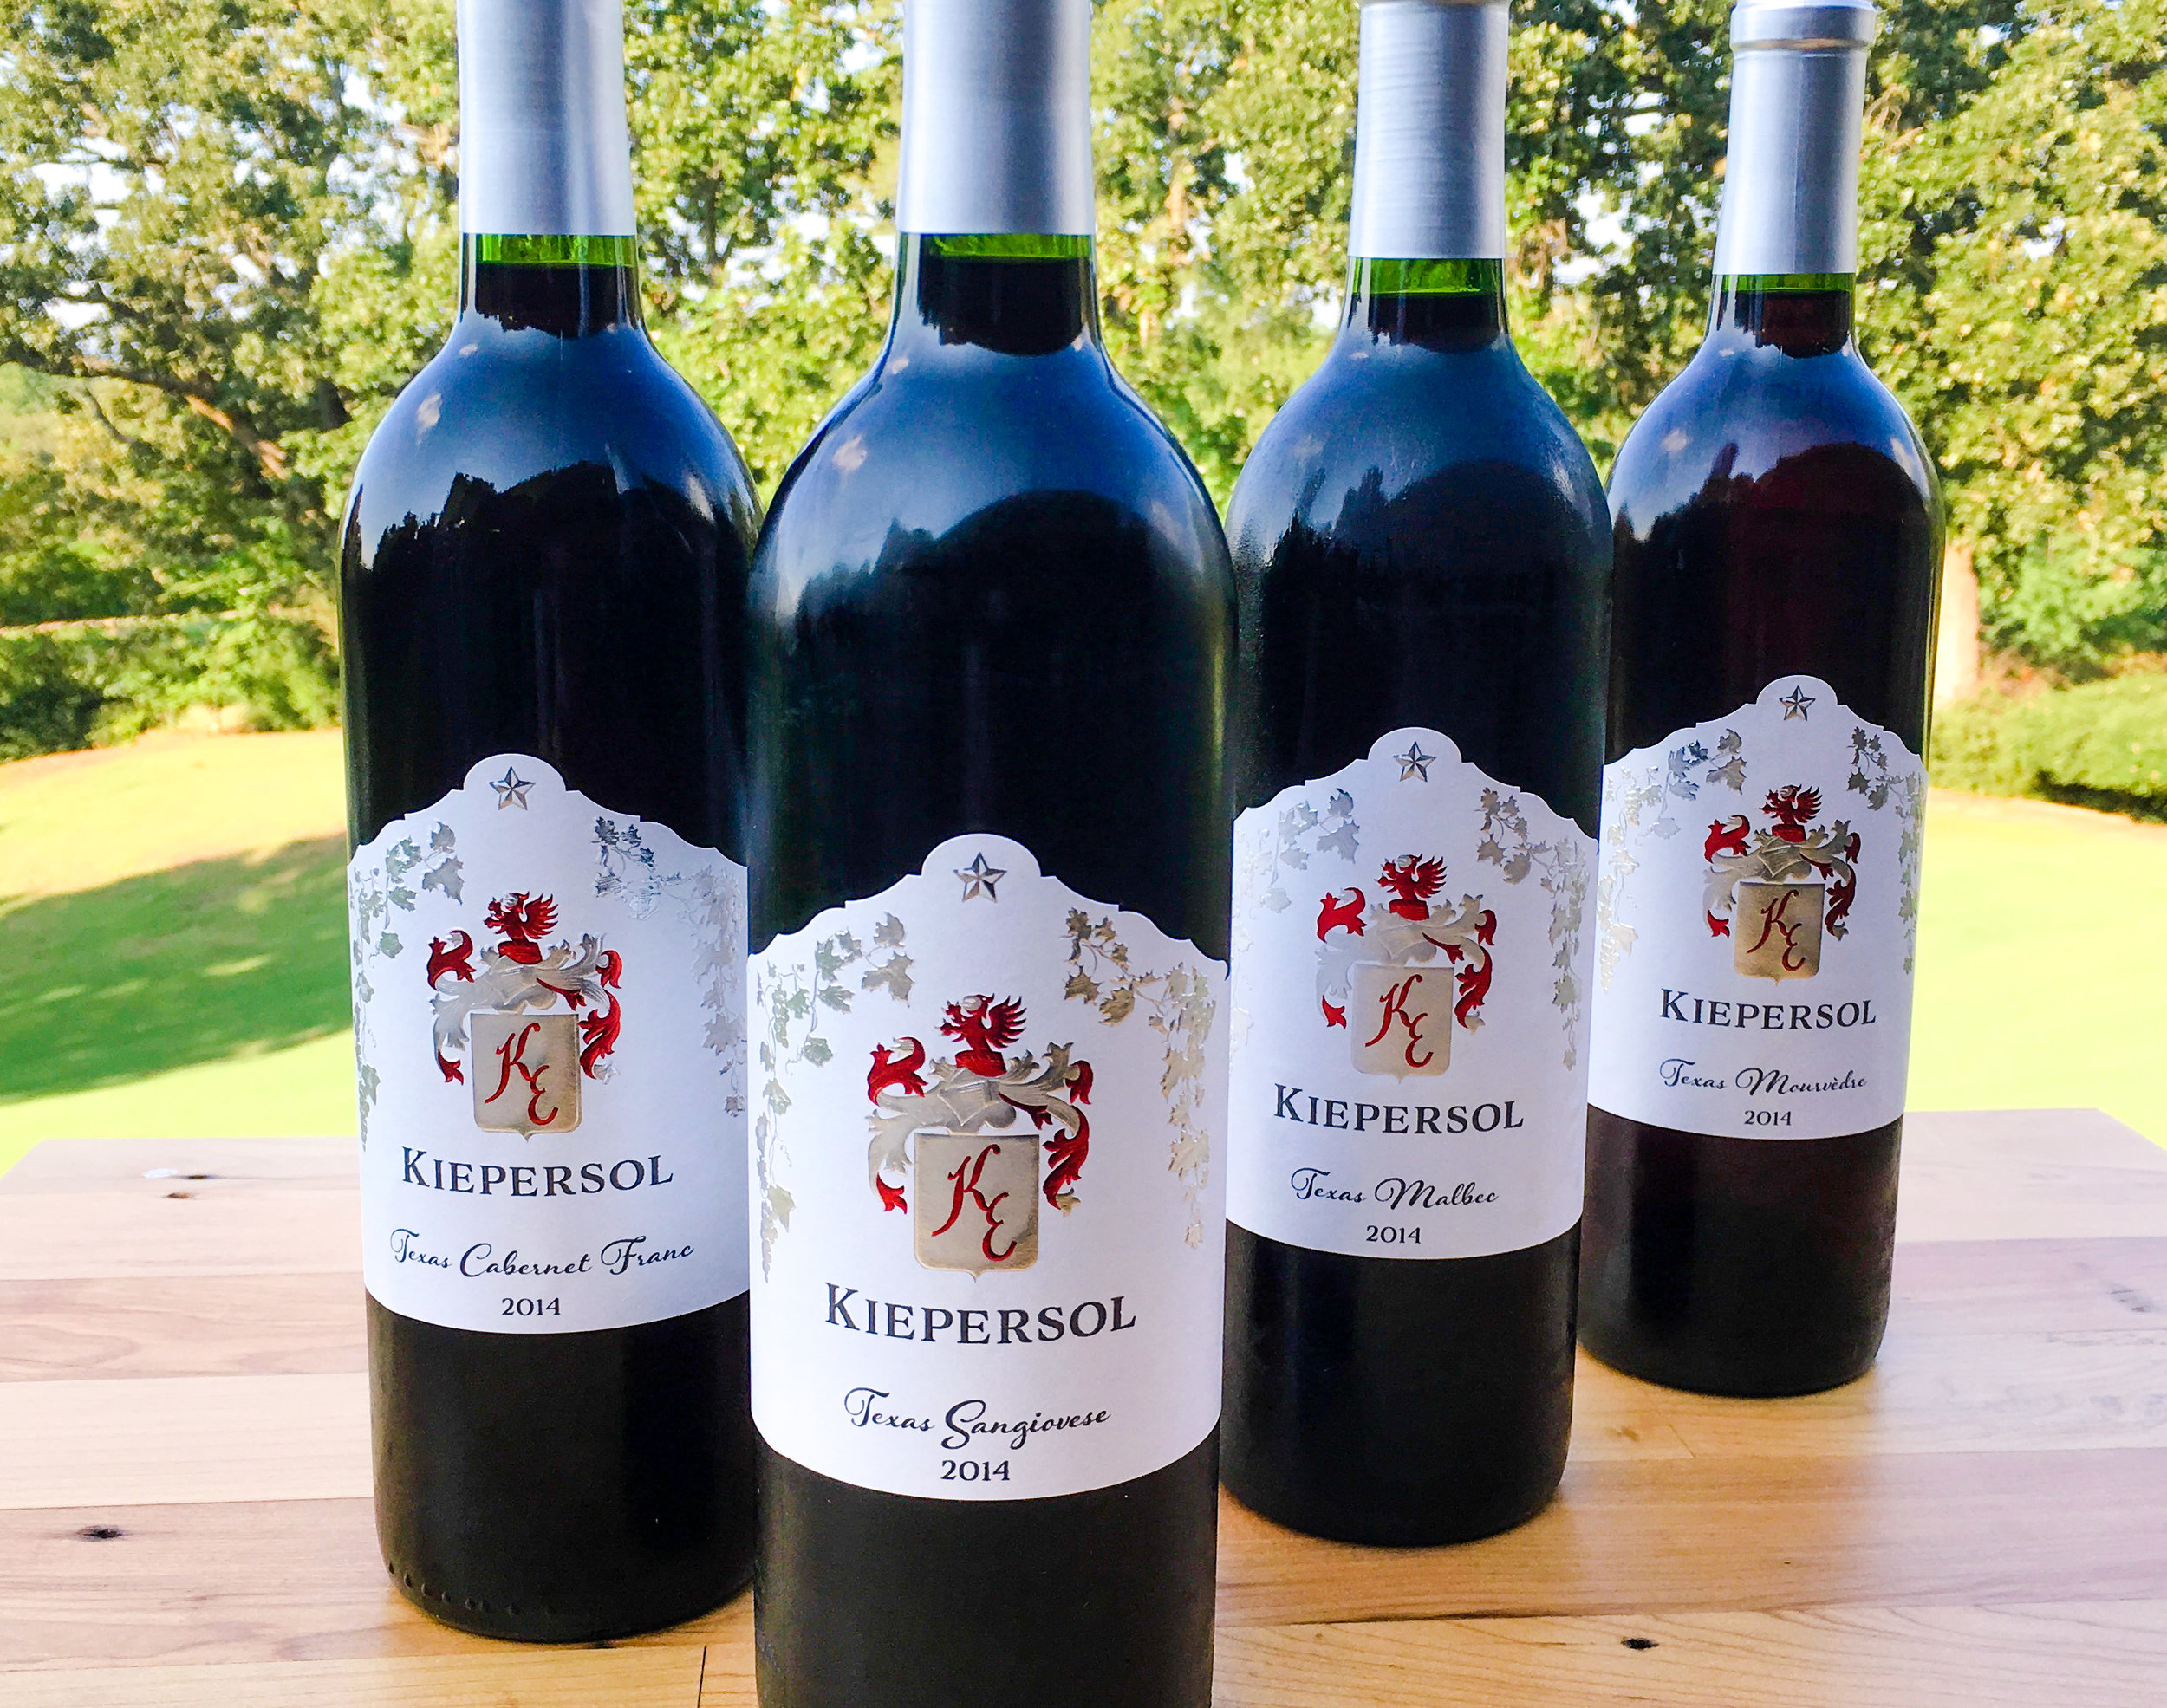 4_straight_varietals_2014_kiepersol_wine-.jpg